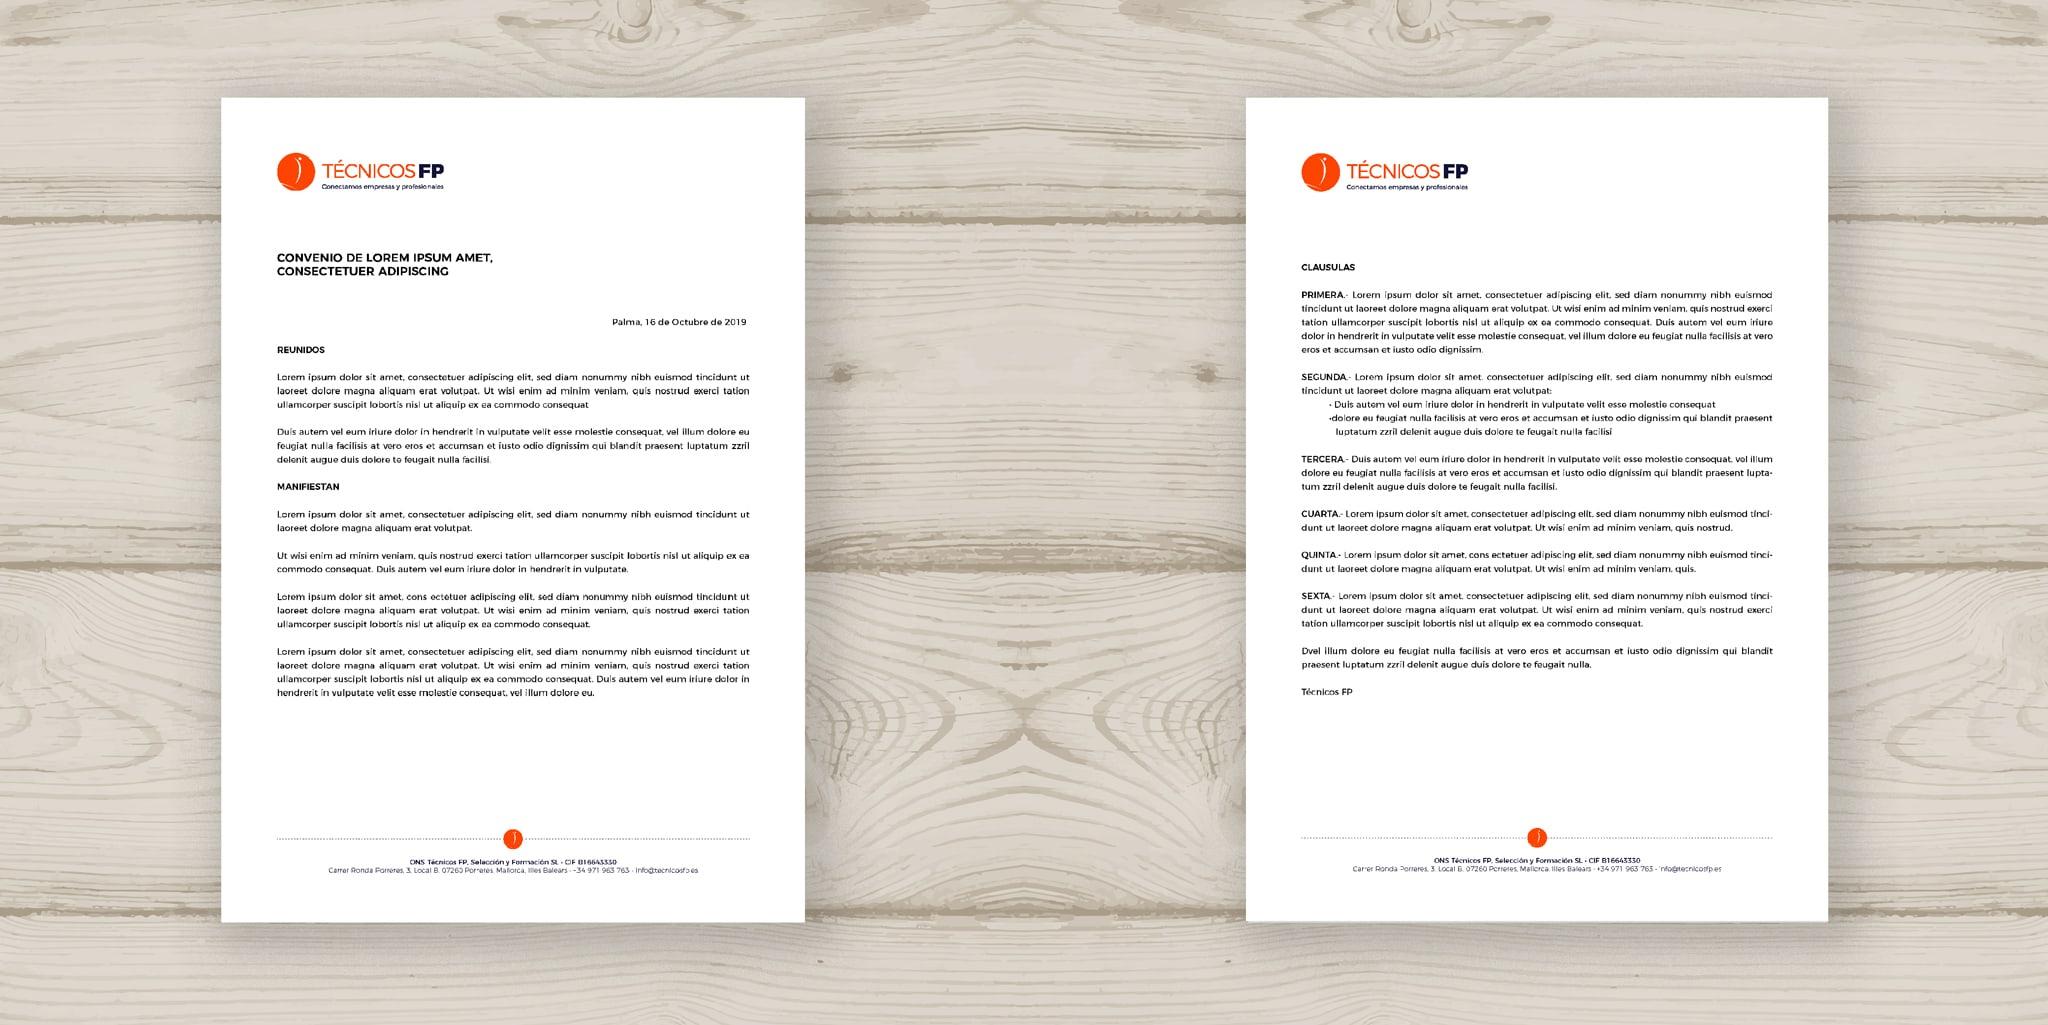 Técnicos FP desarrollo de papelería - papel de carta